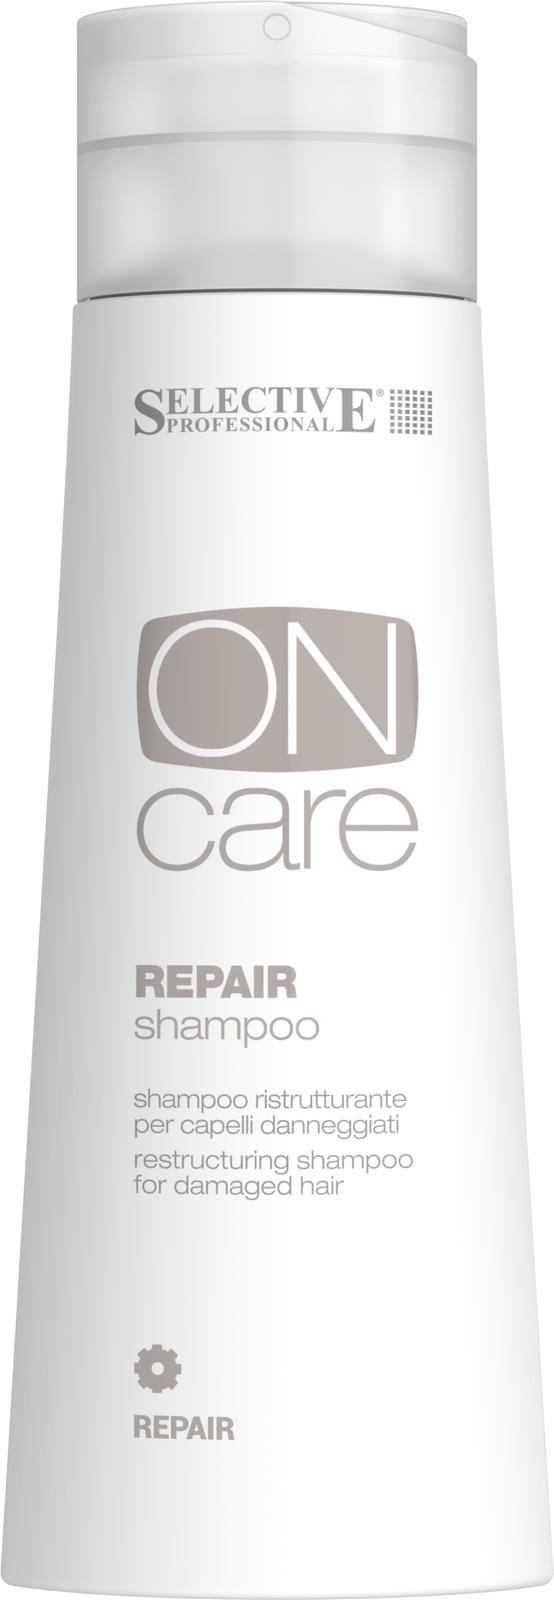 SELECTIVE PROFESSIONAL Шампунь восстанавливающий для поврежденных волос / On Care Repair 250 мл